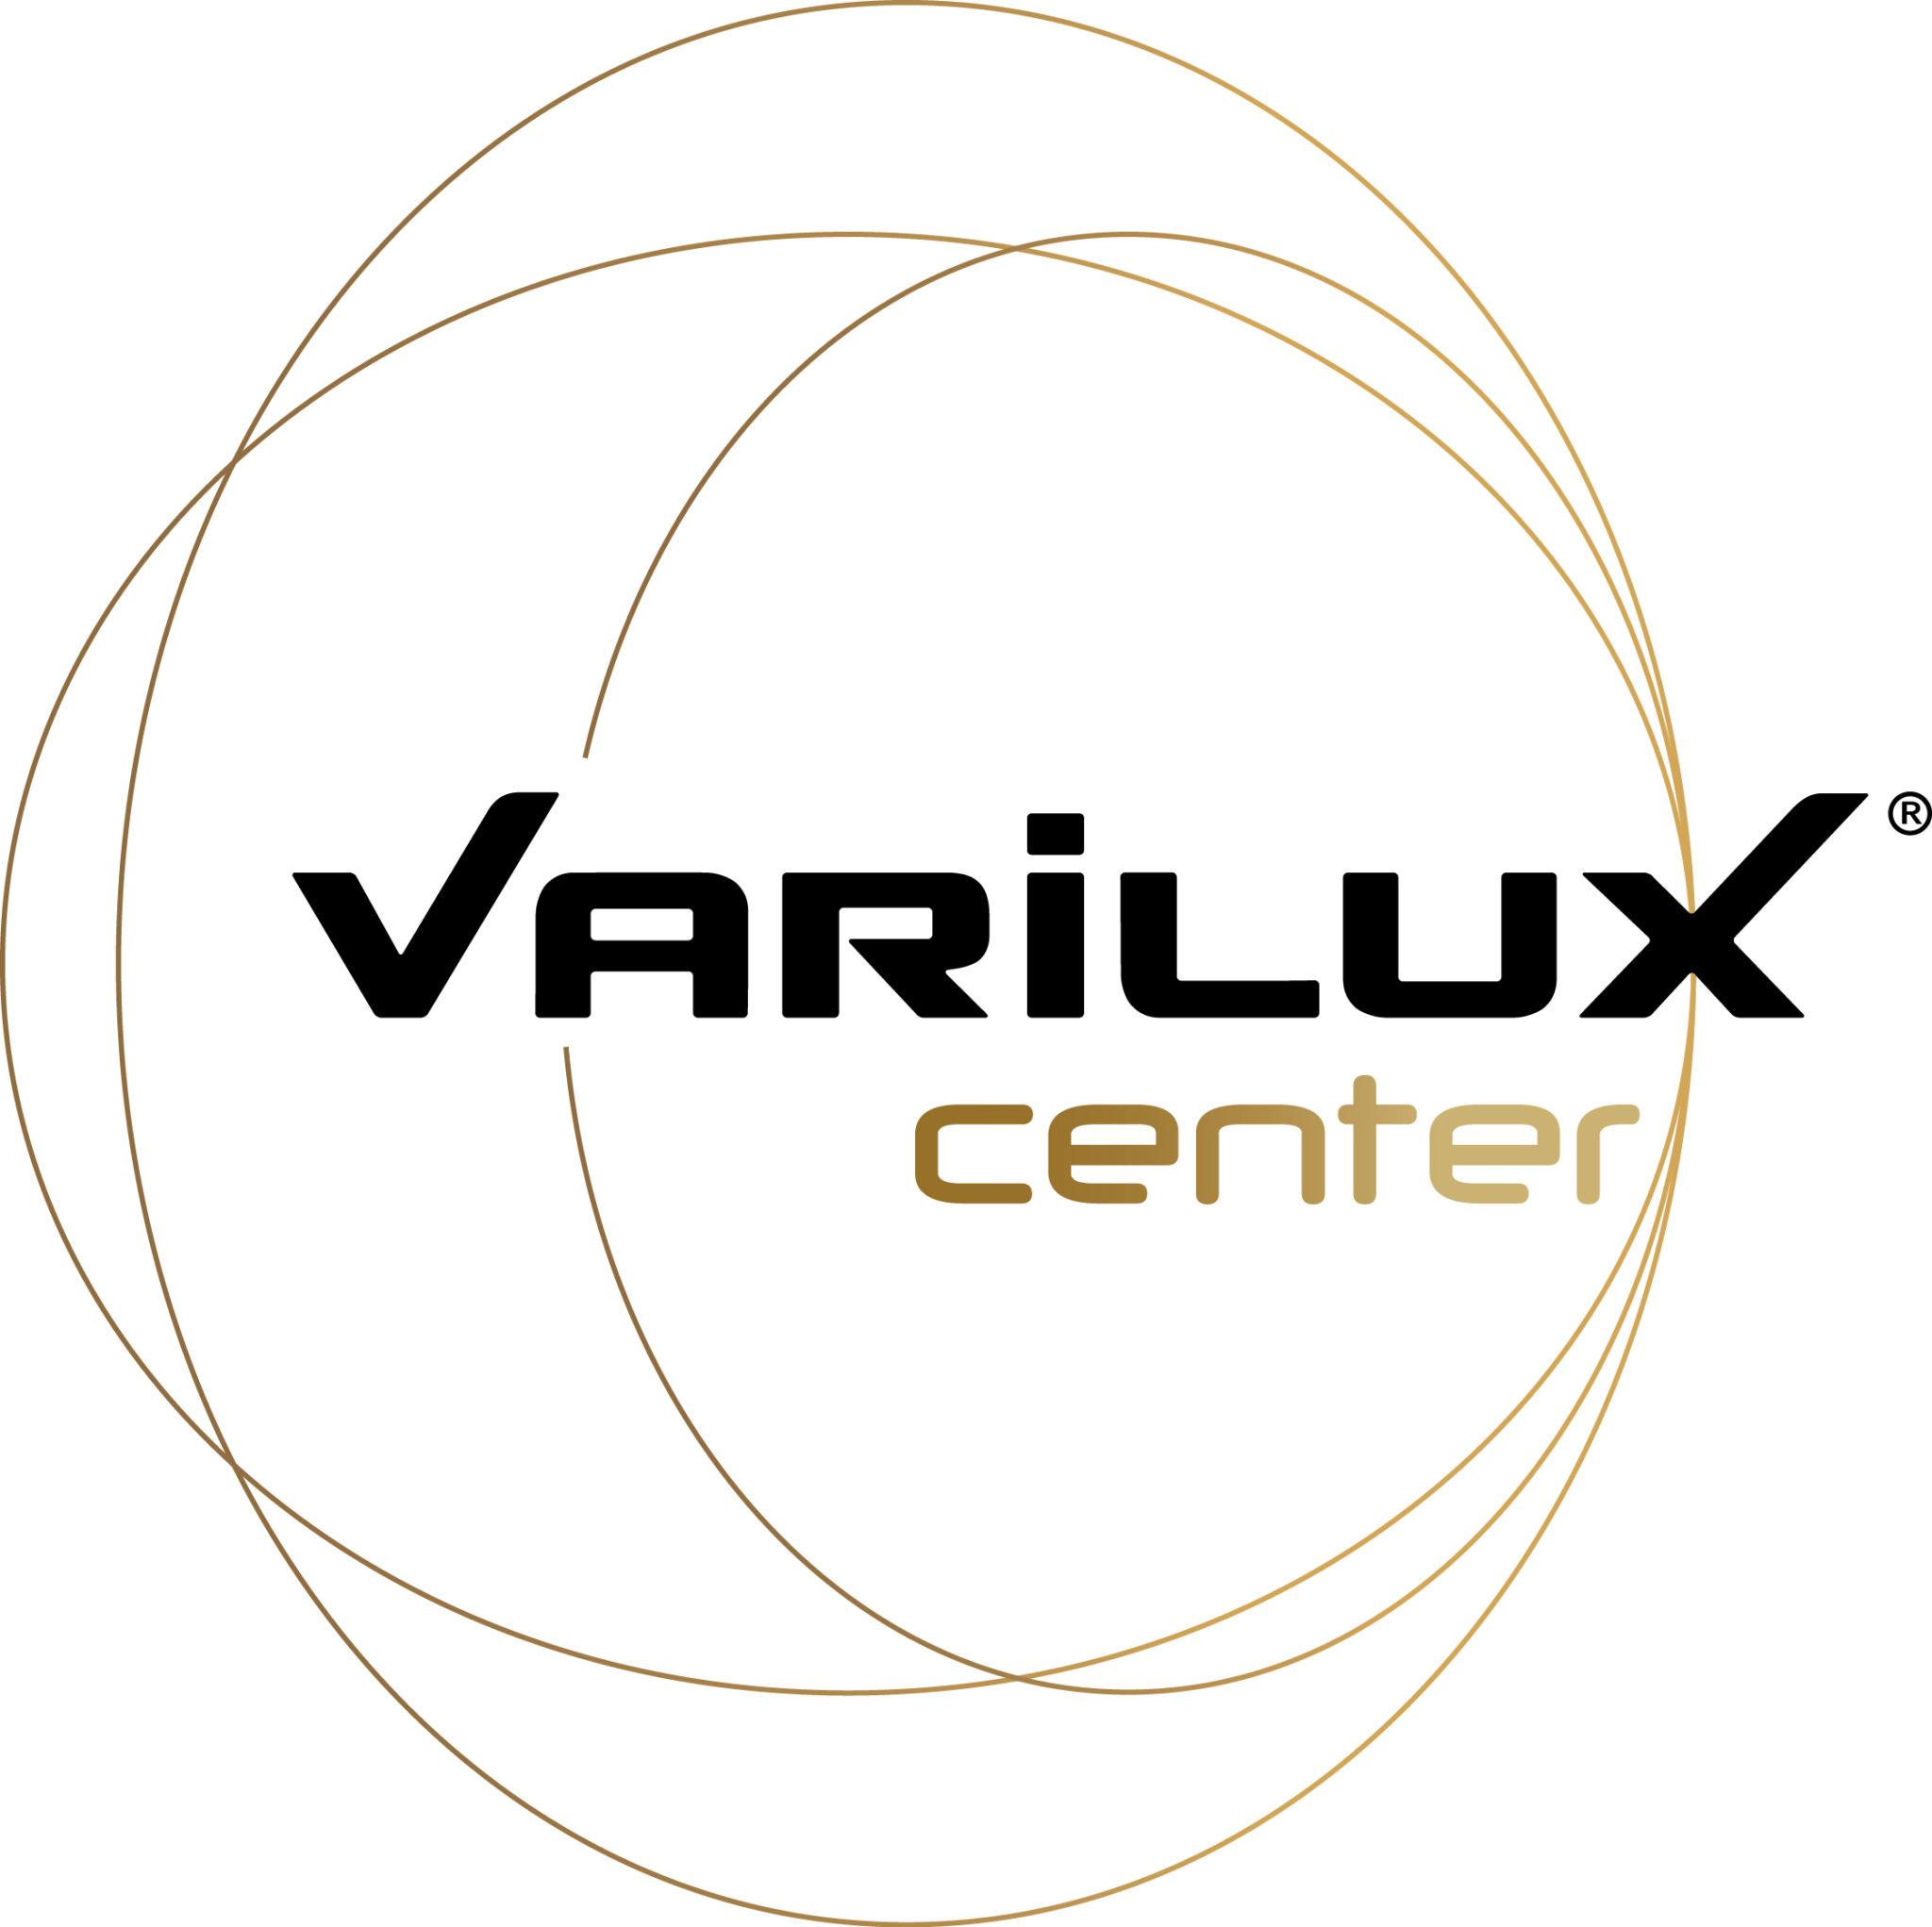 Varilux center chez Kress Optic opticiens à Genève